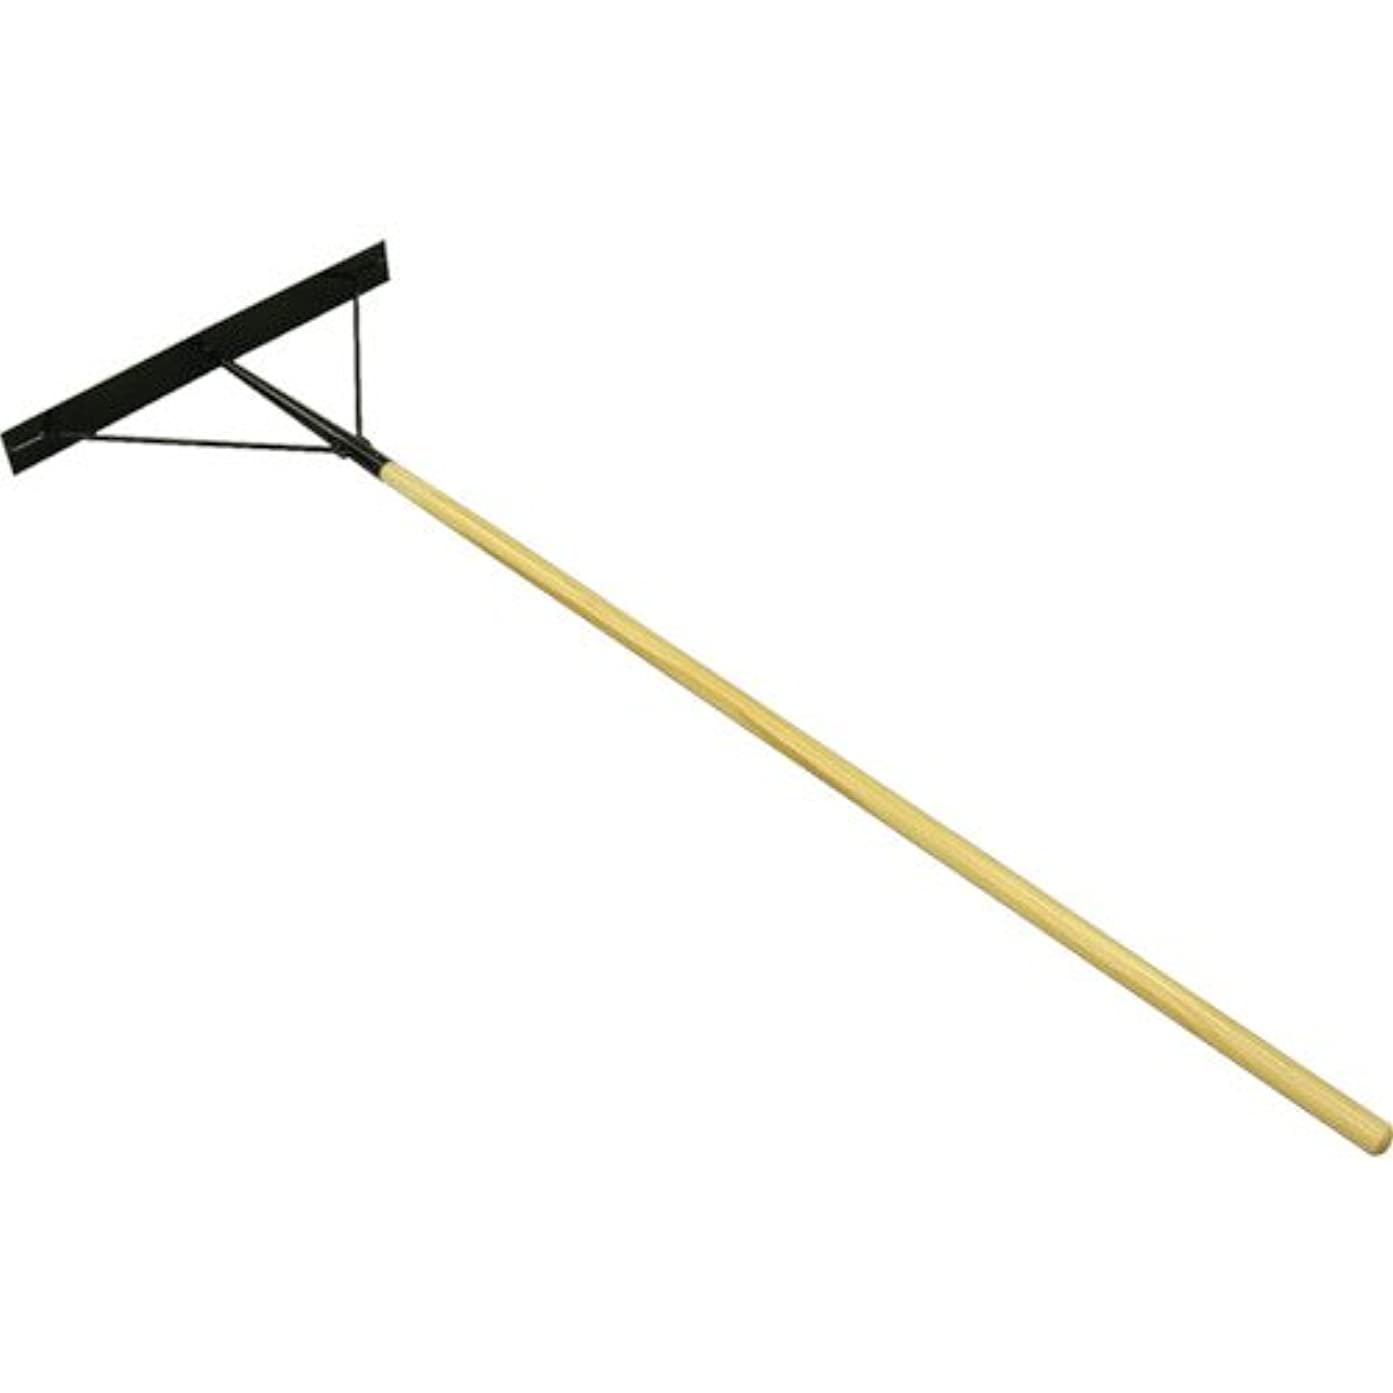 怖がって死ぬファンシー大邸宅多機能シャベル スコップ 折りたたみ 園芸シャベル ガーデニング 除雪 雪かきスコップ 軽量 マルチシャベル サバイバルグッズ 栓抜き ナイフ つるはし